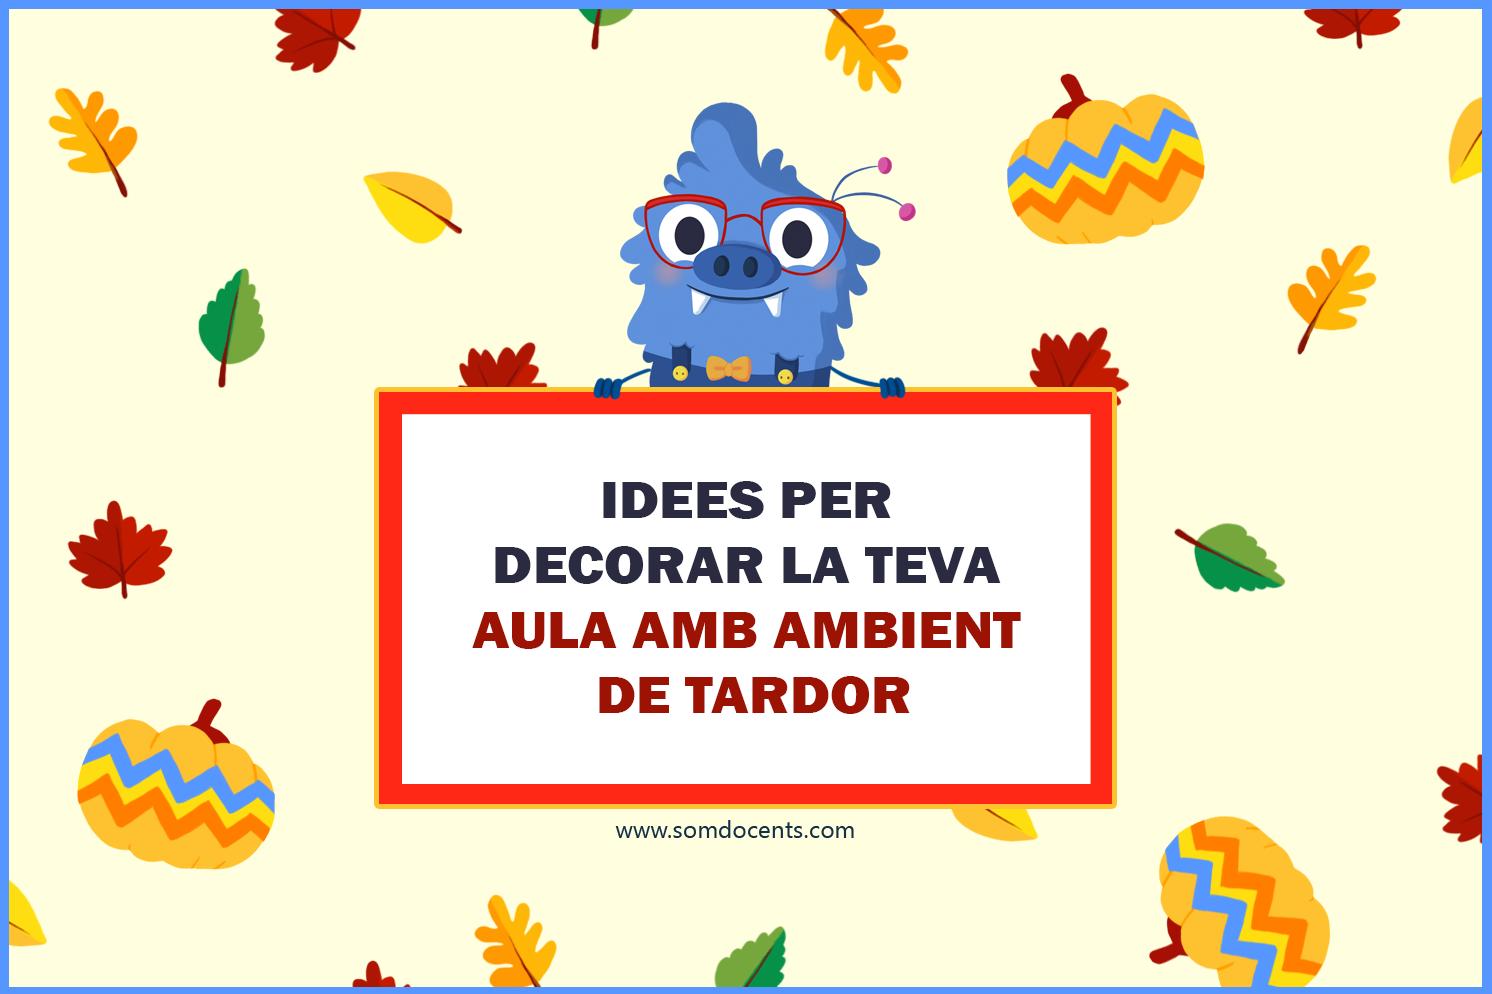 SD_idees_per_decorar_la_teva_aula_amb_ambient_de_tardor